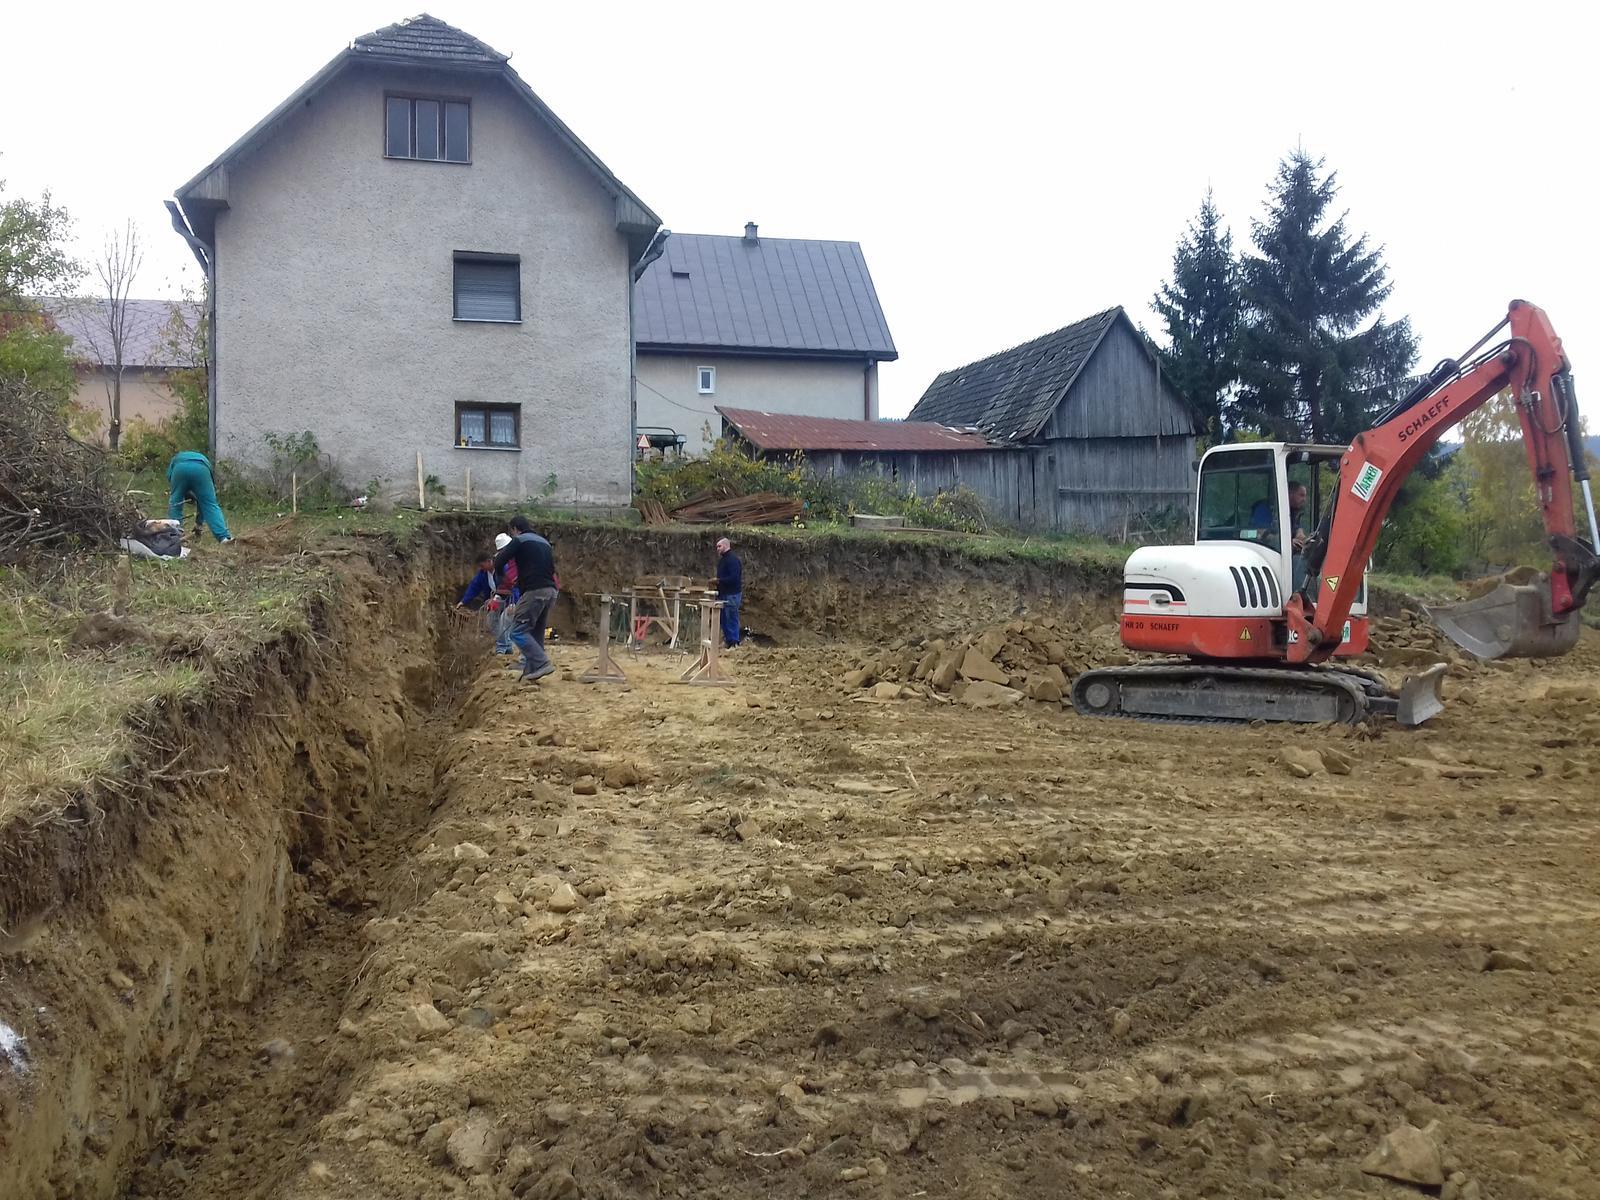 Najprv oporny mur a potom dom... - Zaklady pre oporak vykopane zelezo naviazane uz len zaliat